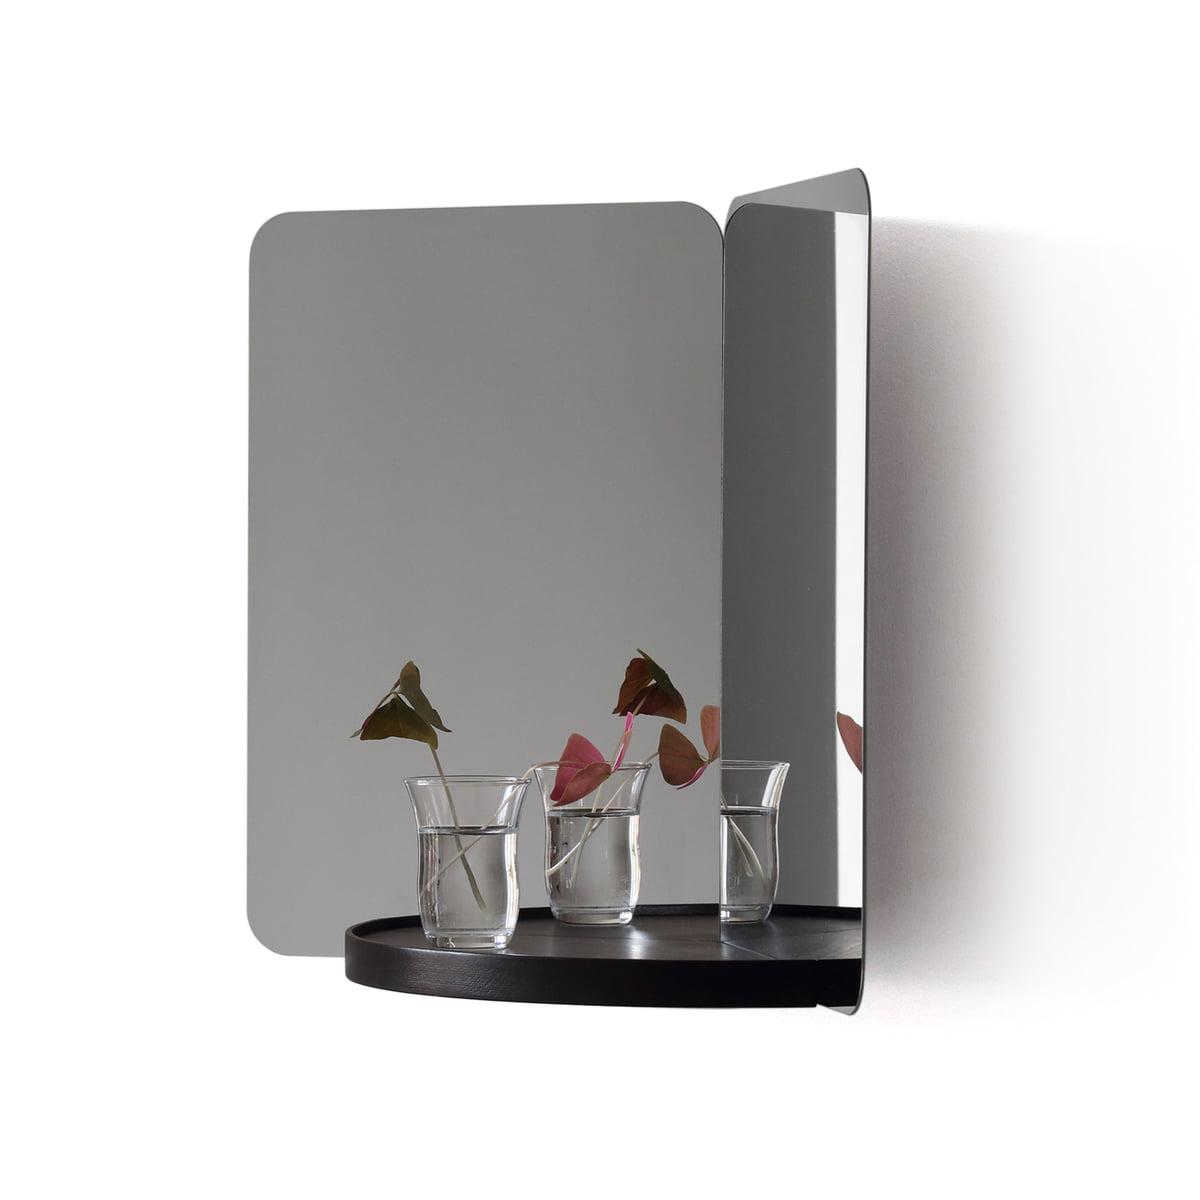 124 Mirror With Shelf By Artek